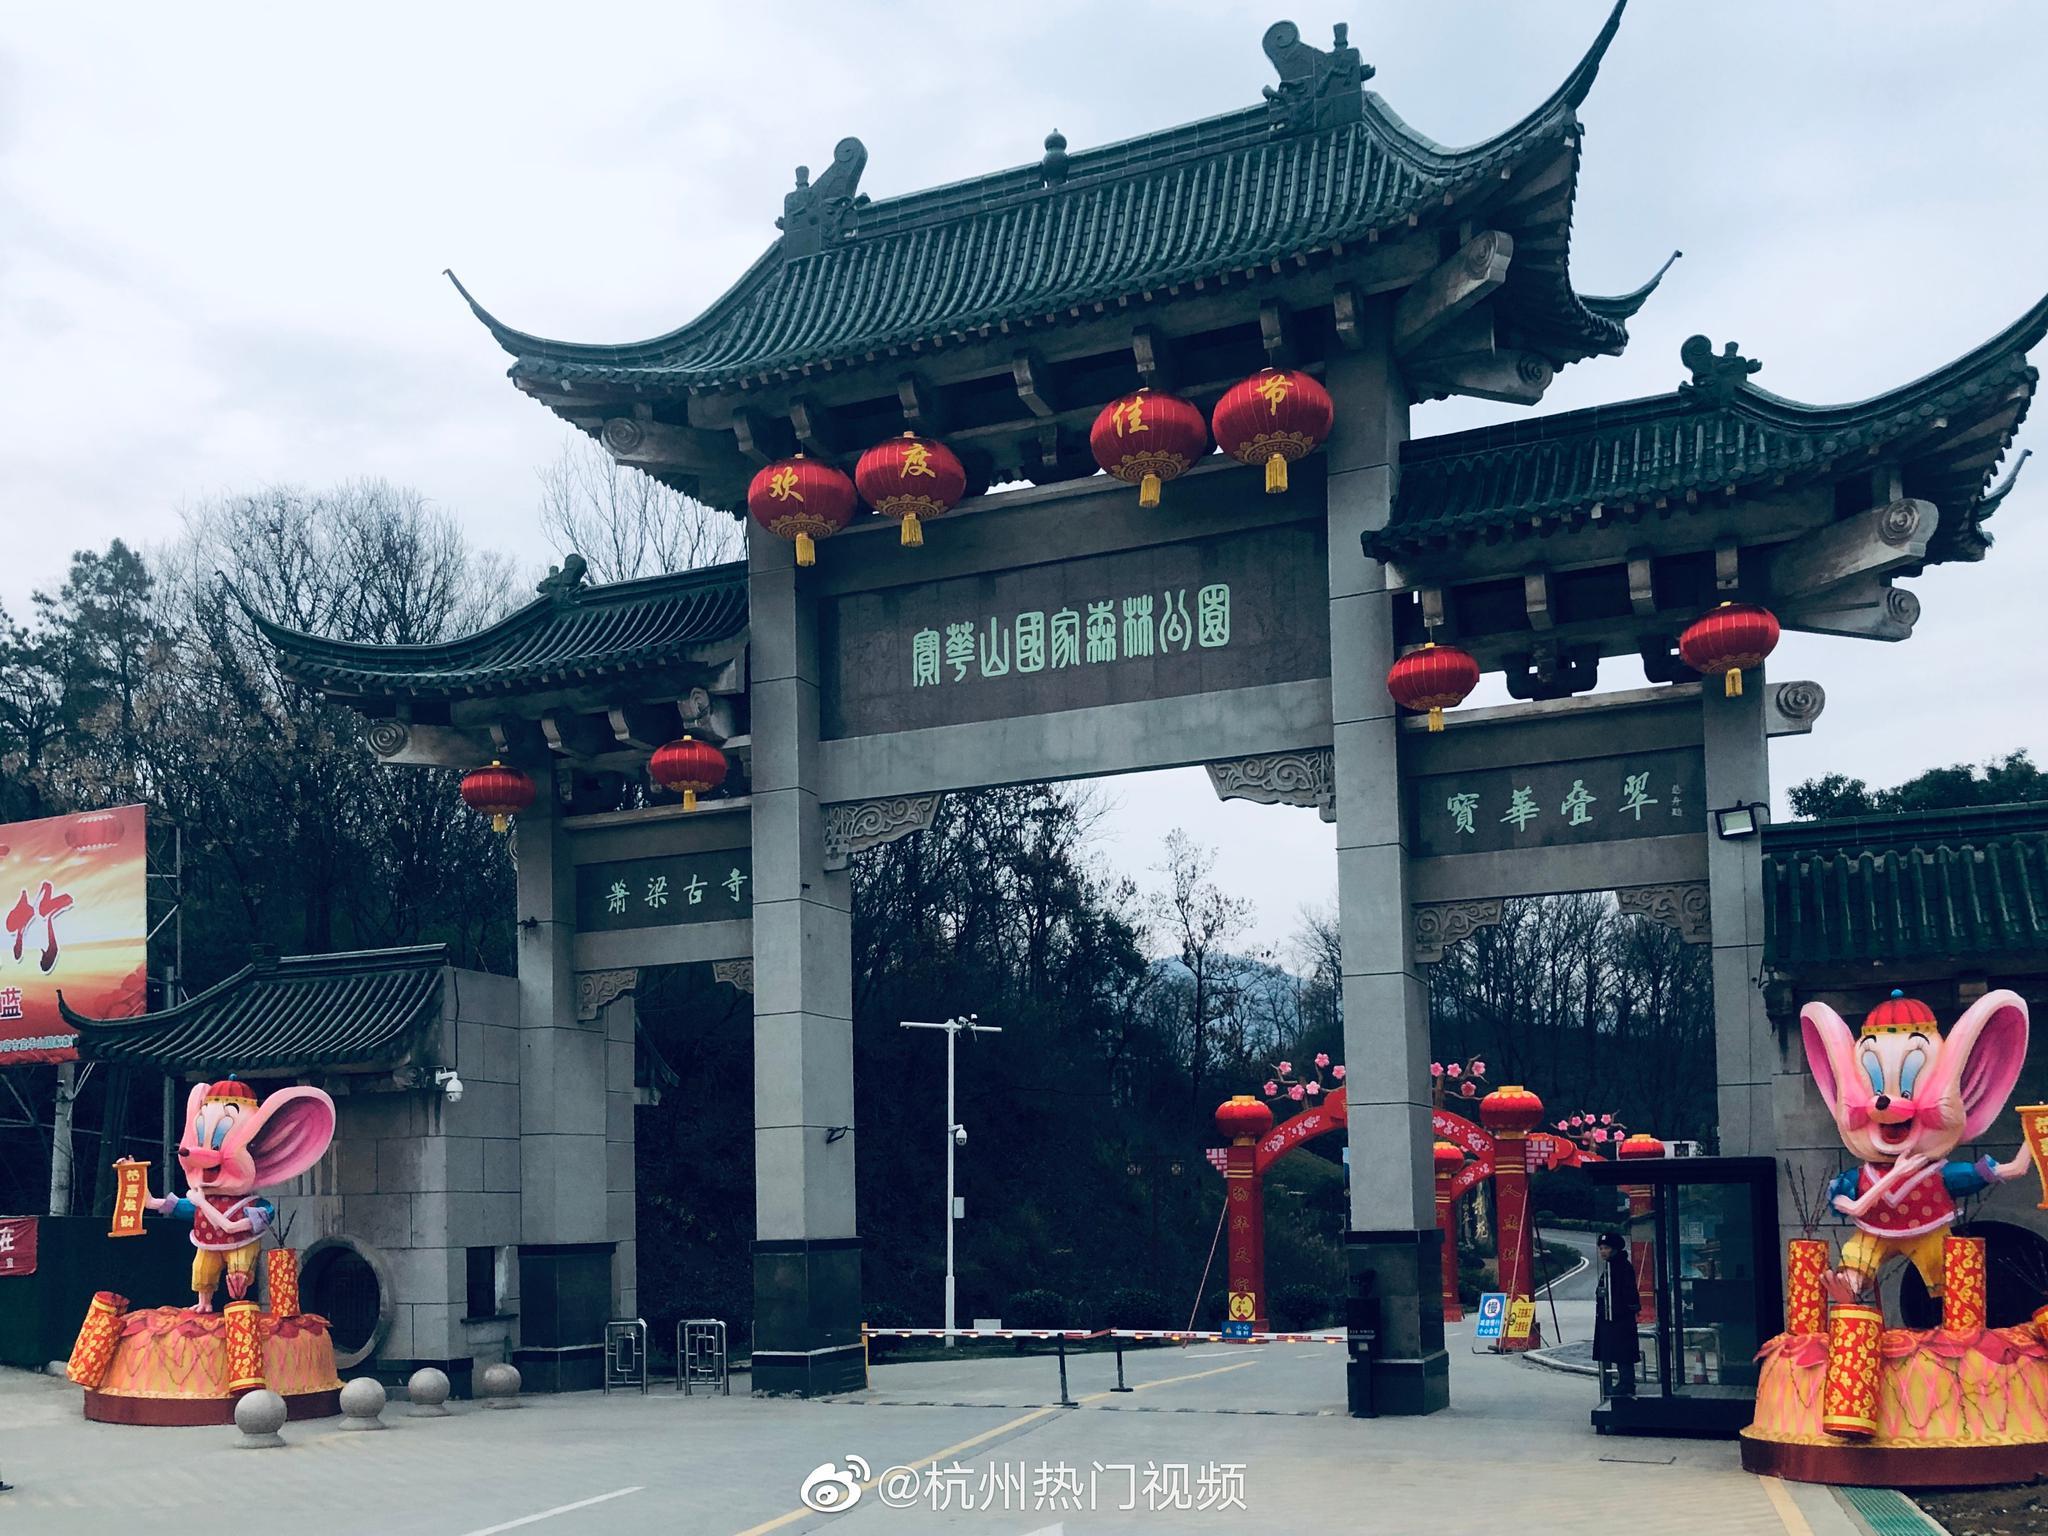 航拍打卡📷宝华山国家森林公园千华古村